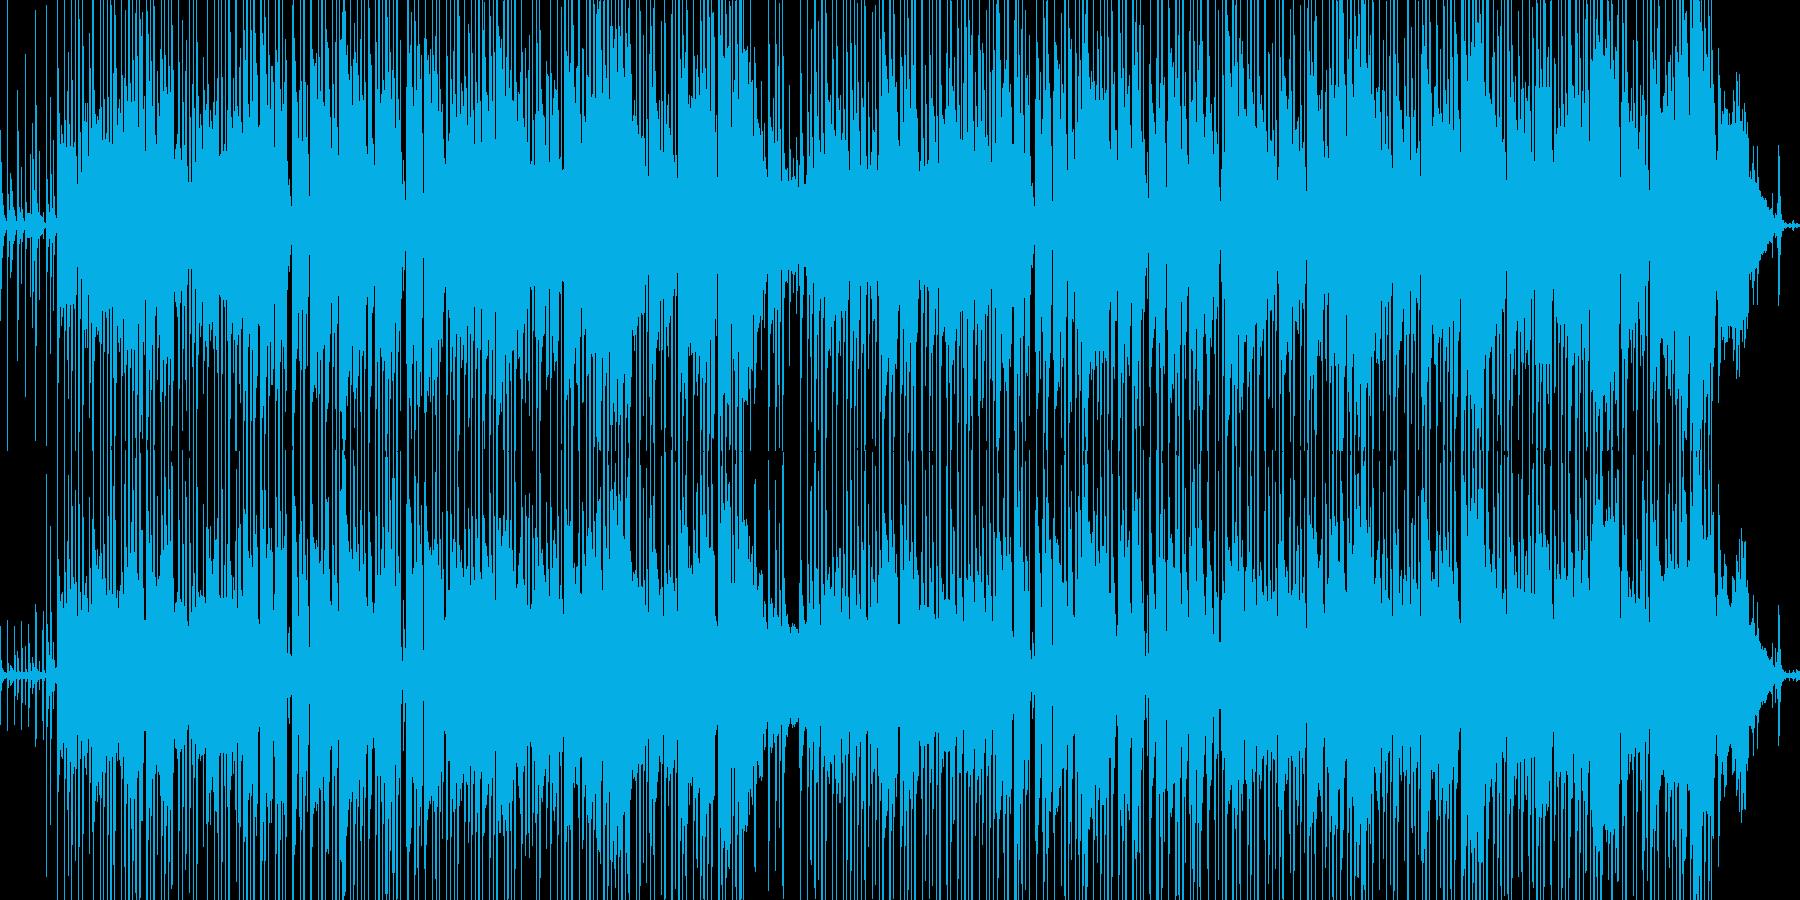 ほのぼの日常系ギターインストの再生済みの波形